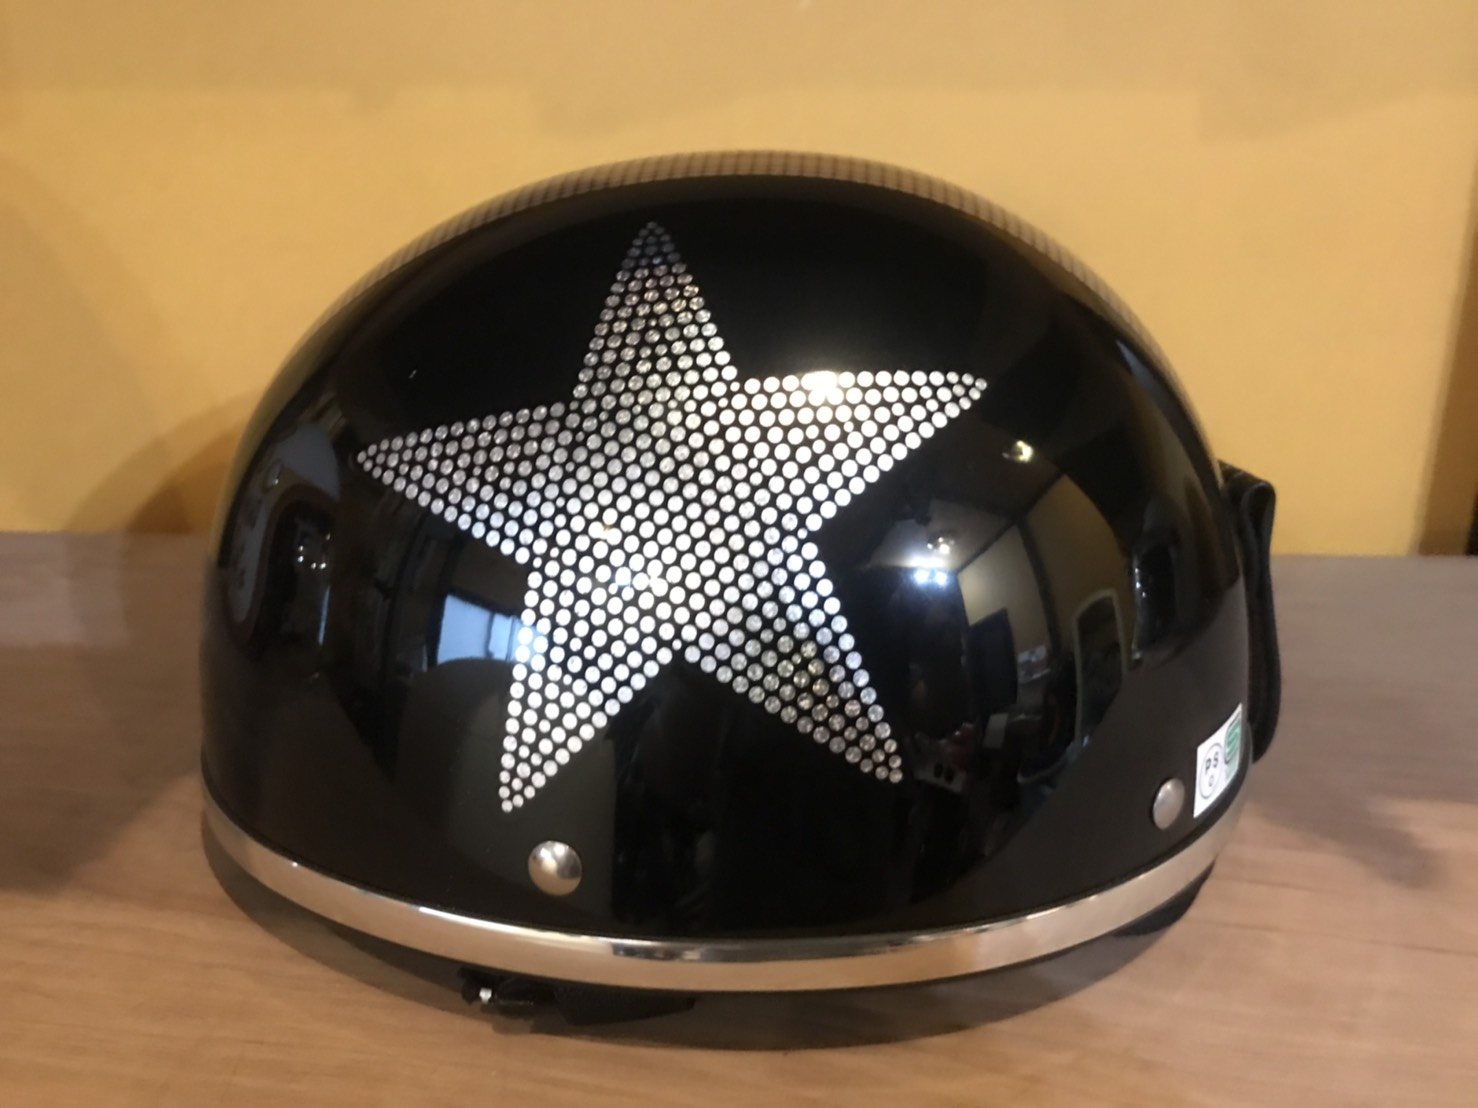 原付ヘルメット 安心の実績 高価 買取 強化中 半ヘル※返品 交換不可 アウトレット OGK DF-5mini 至上 ドットスター ジェットヘルメット